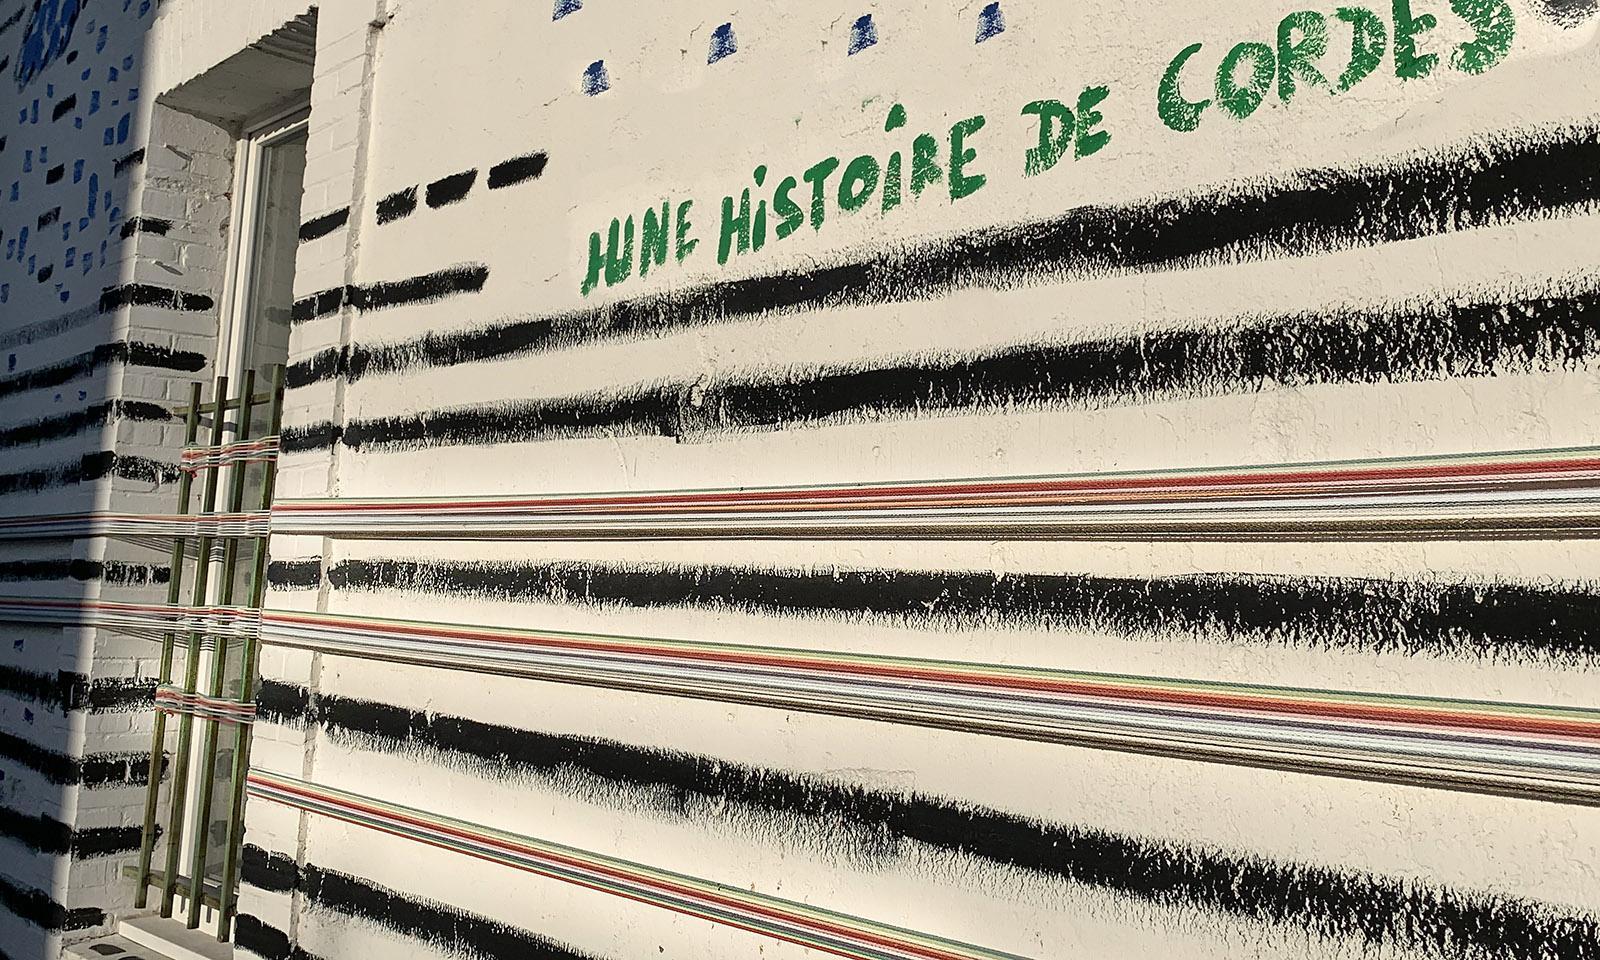 Pau: Une Histoire de Cordes. Foto: Hilke Maunder